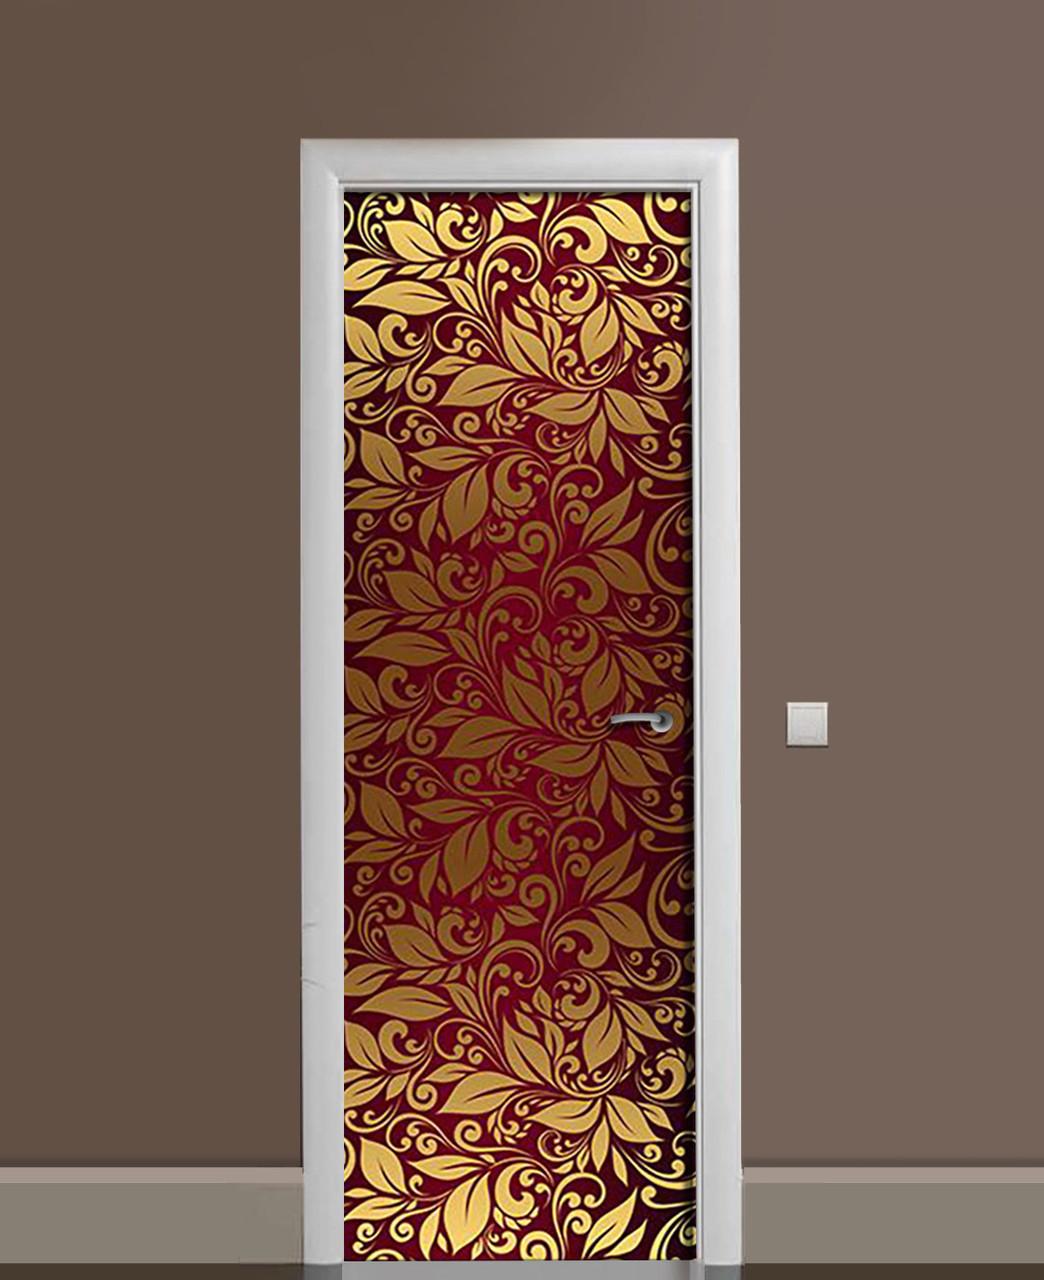 Декор двері Наклейка вінілова Золоте бордо Листя Візерунок ПВХ плівка з ламінуванням 65*200см Рослини